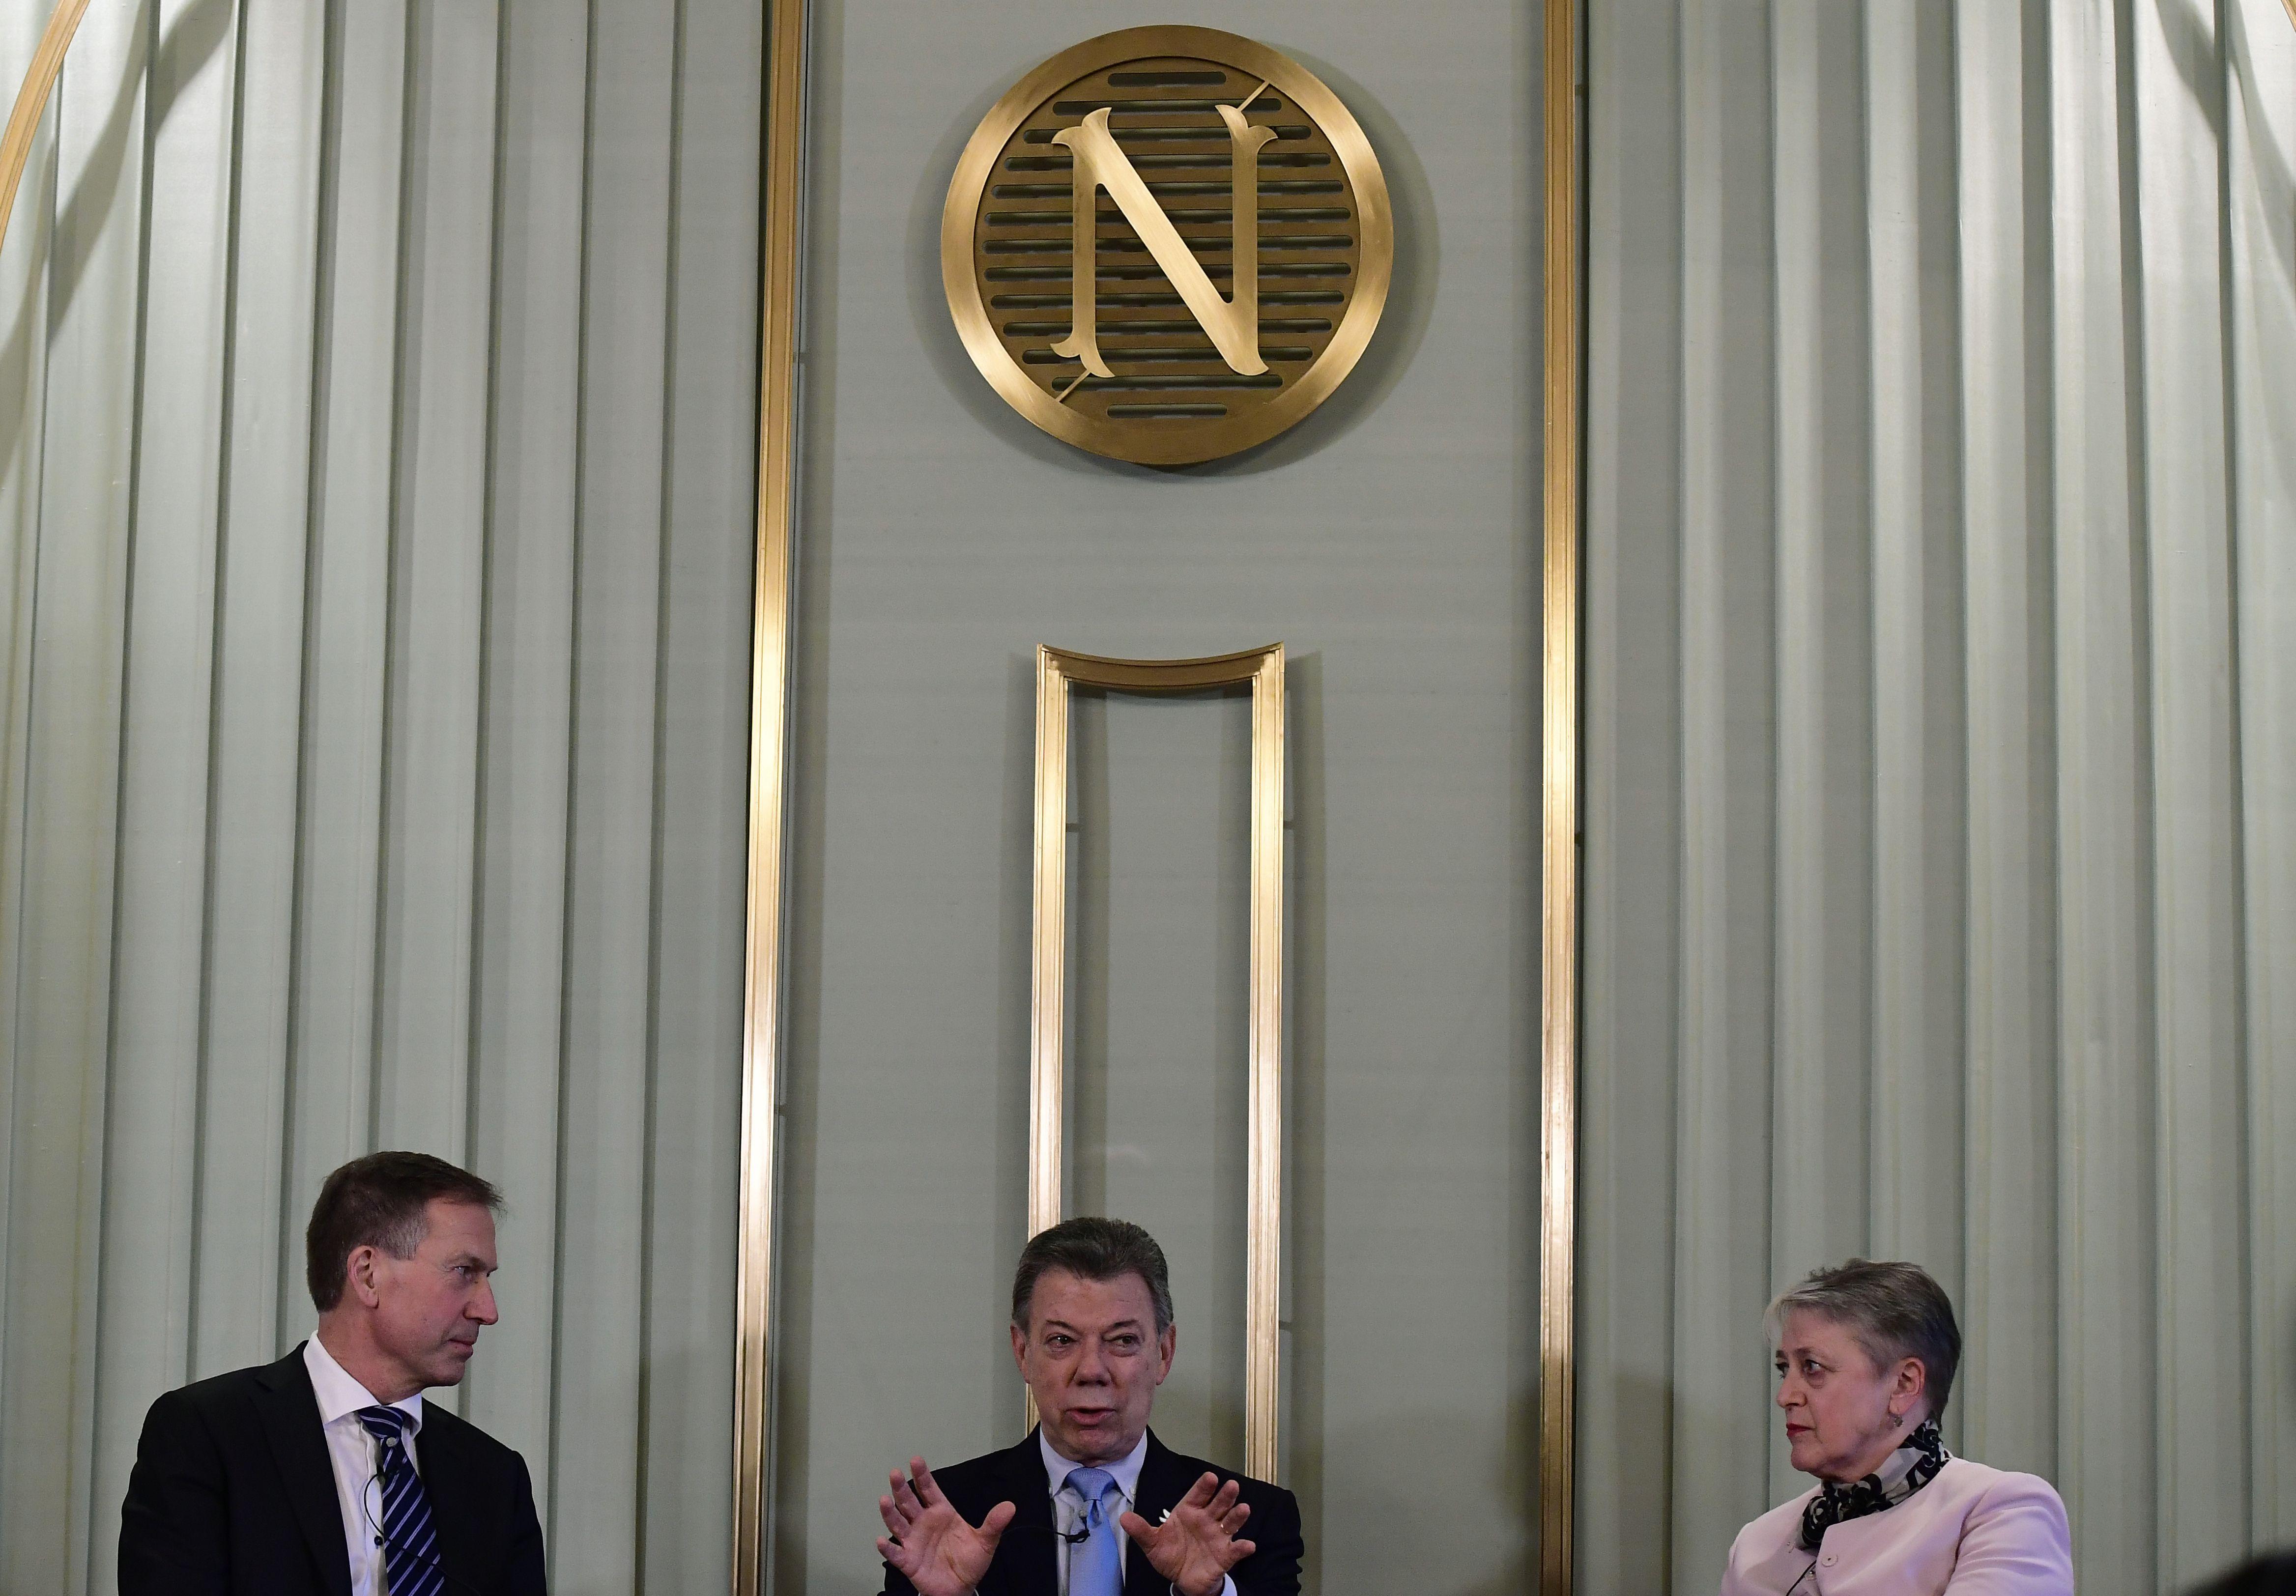 El presidente colombiano Juan Manuel Santos con los miembros del comité que otorga el Premio Nobel